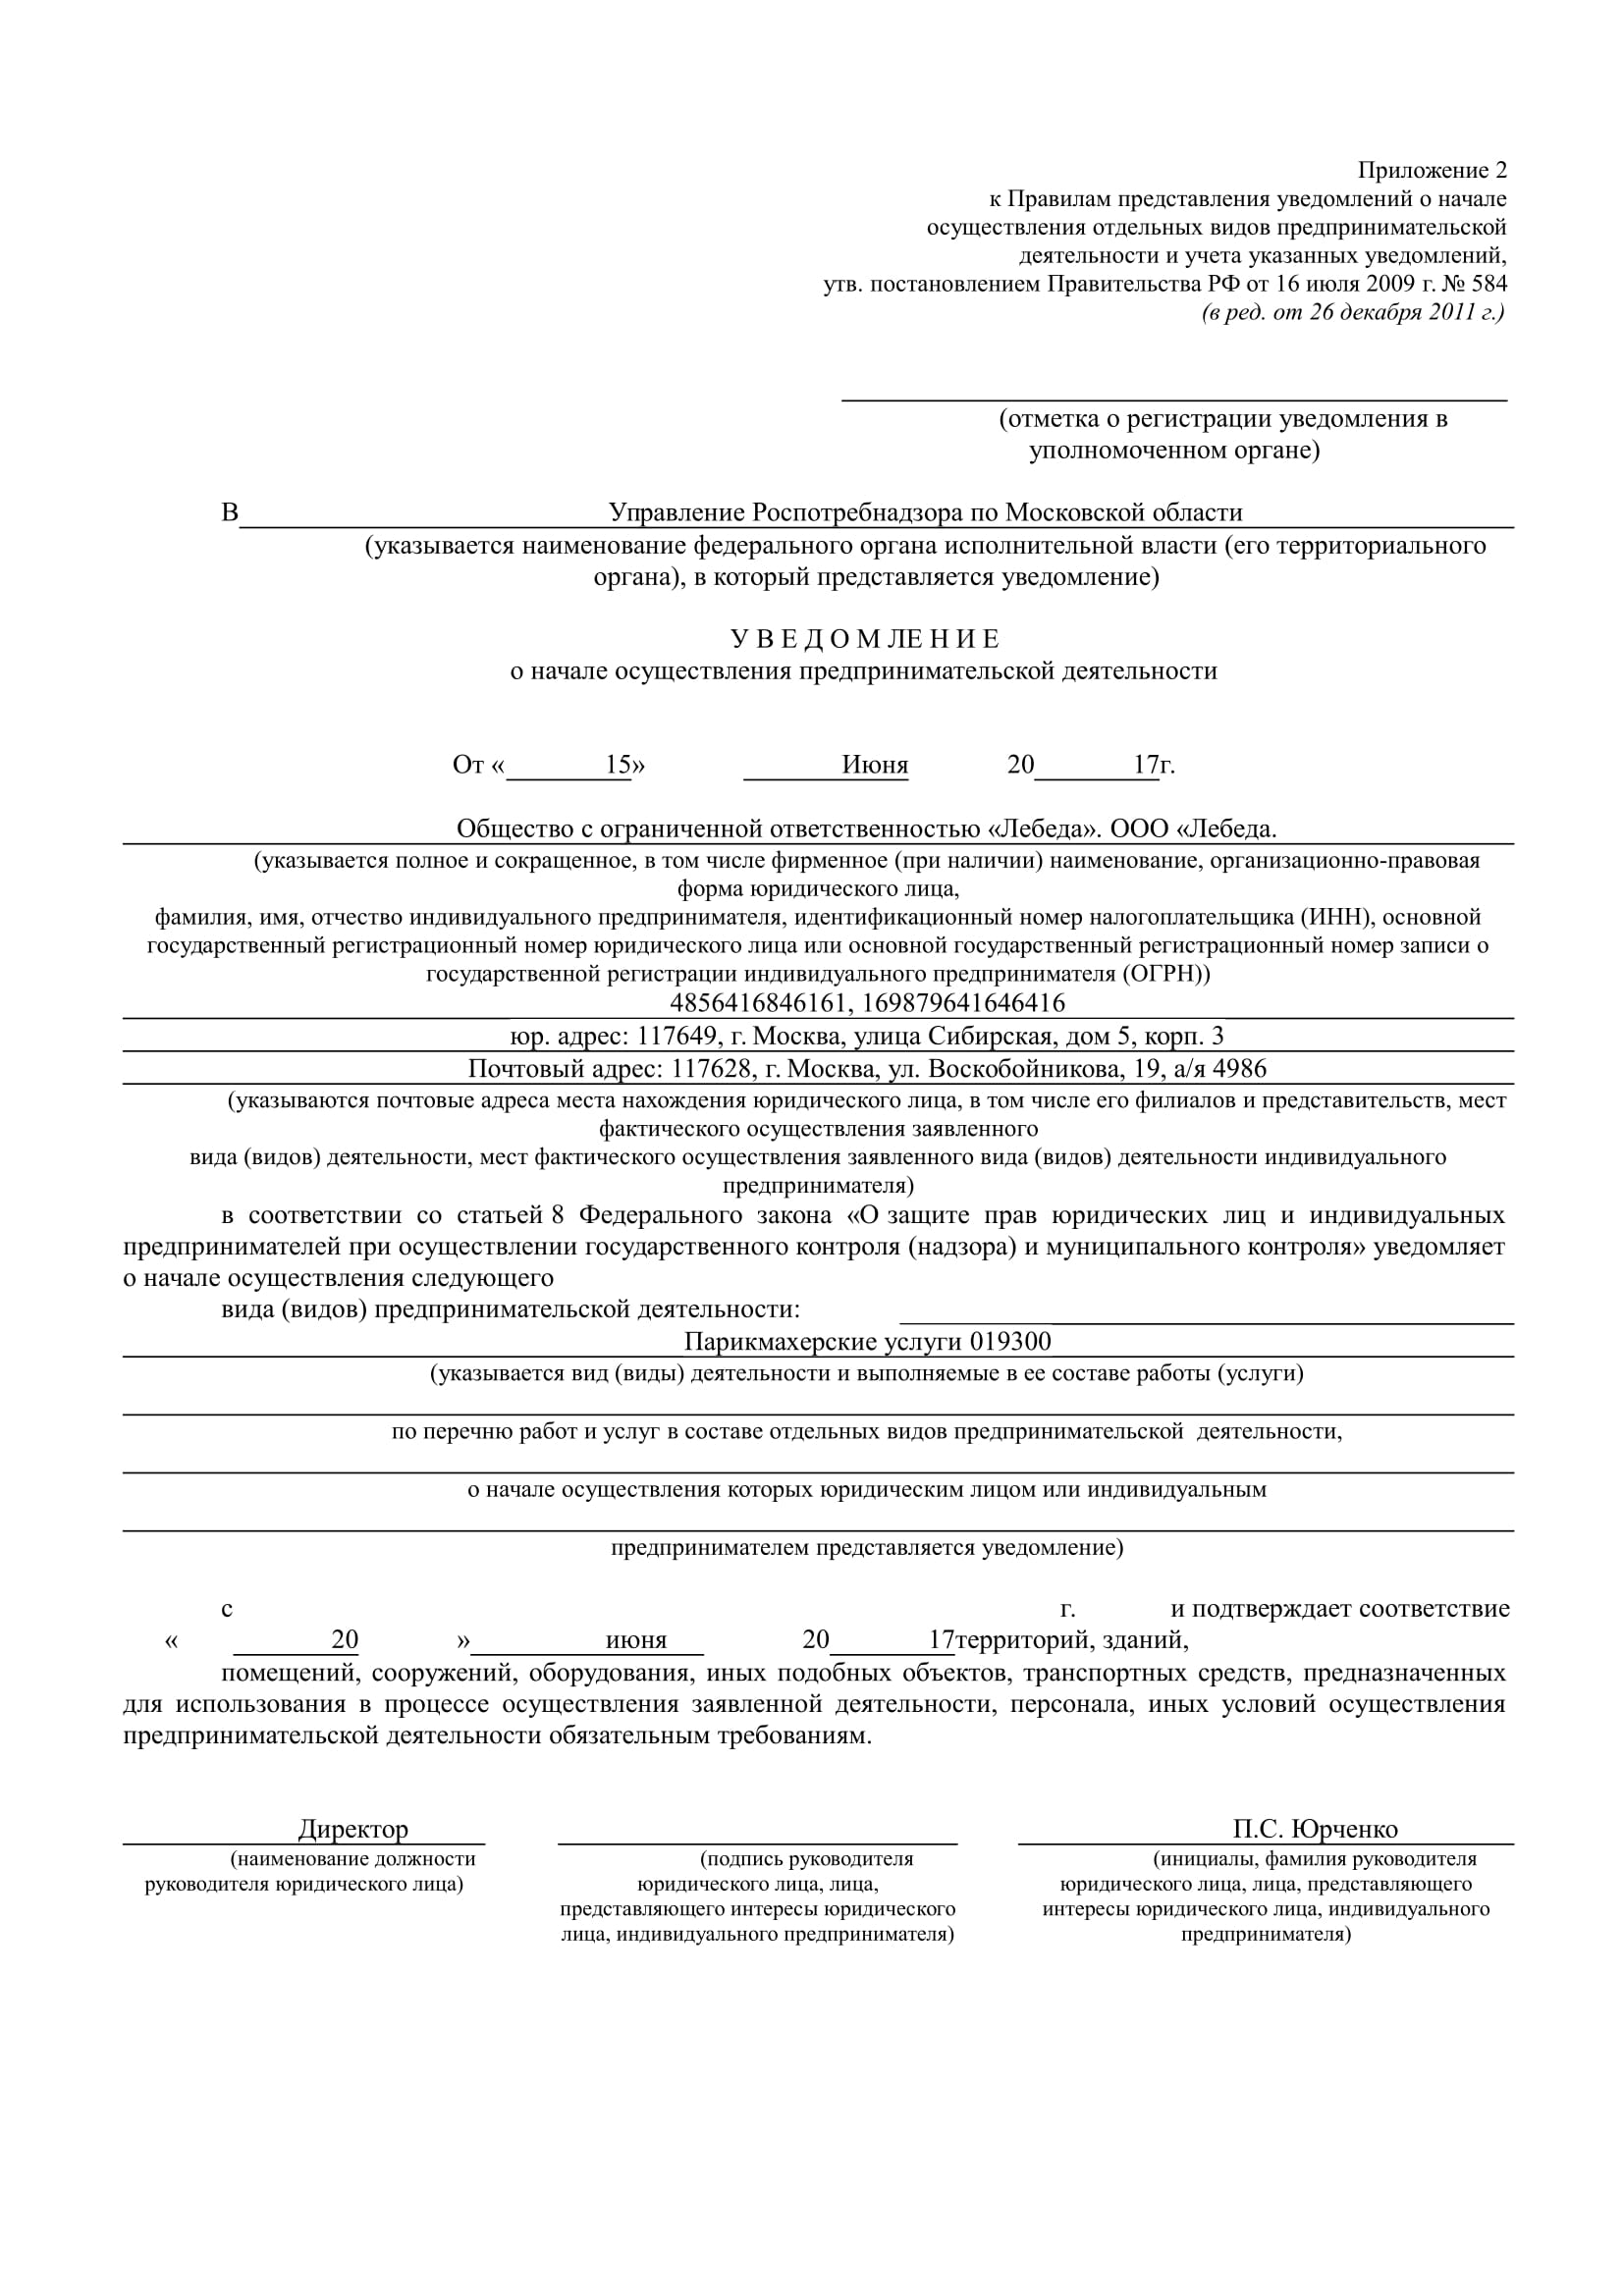 Как уведомить роспотребнадзор о регистрации ип учредитель ооо лицо без регистрации